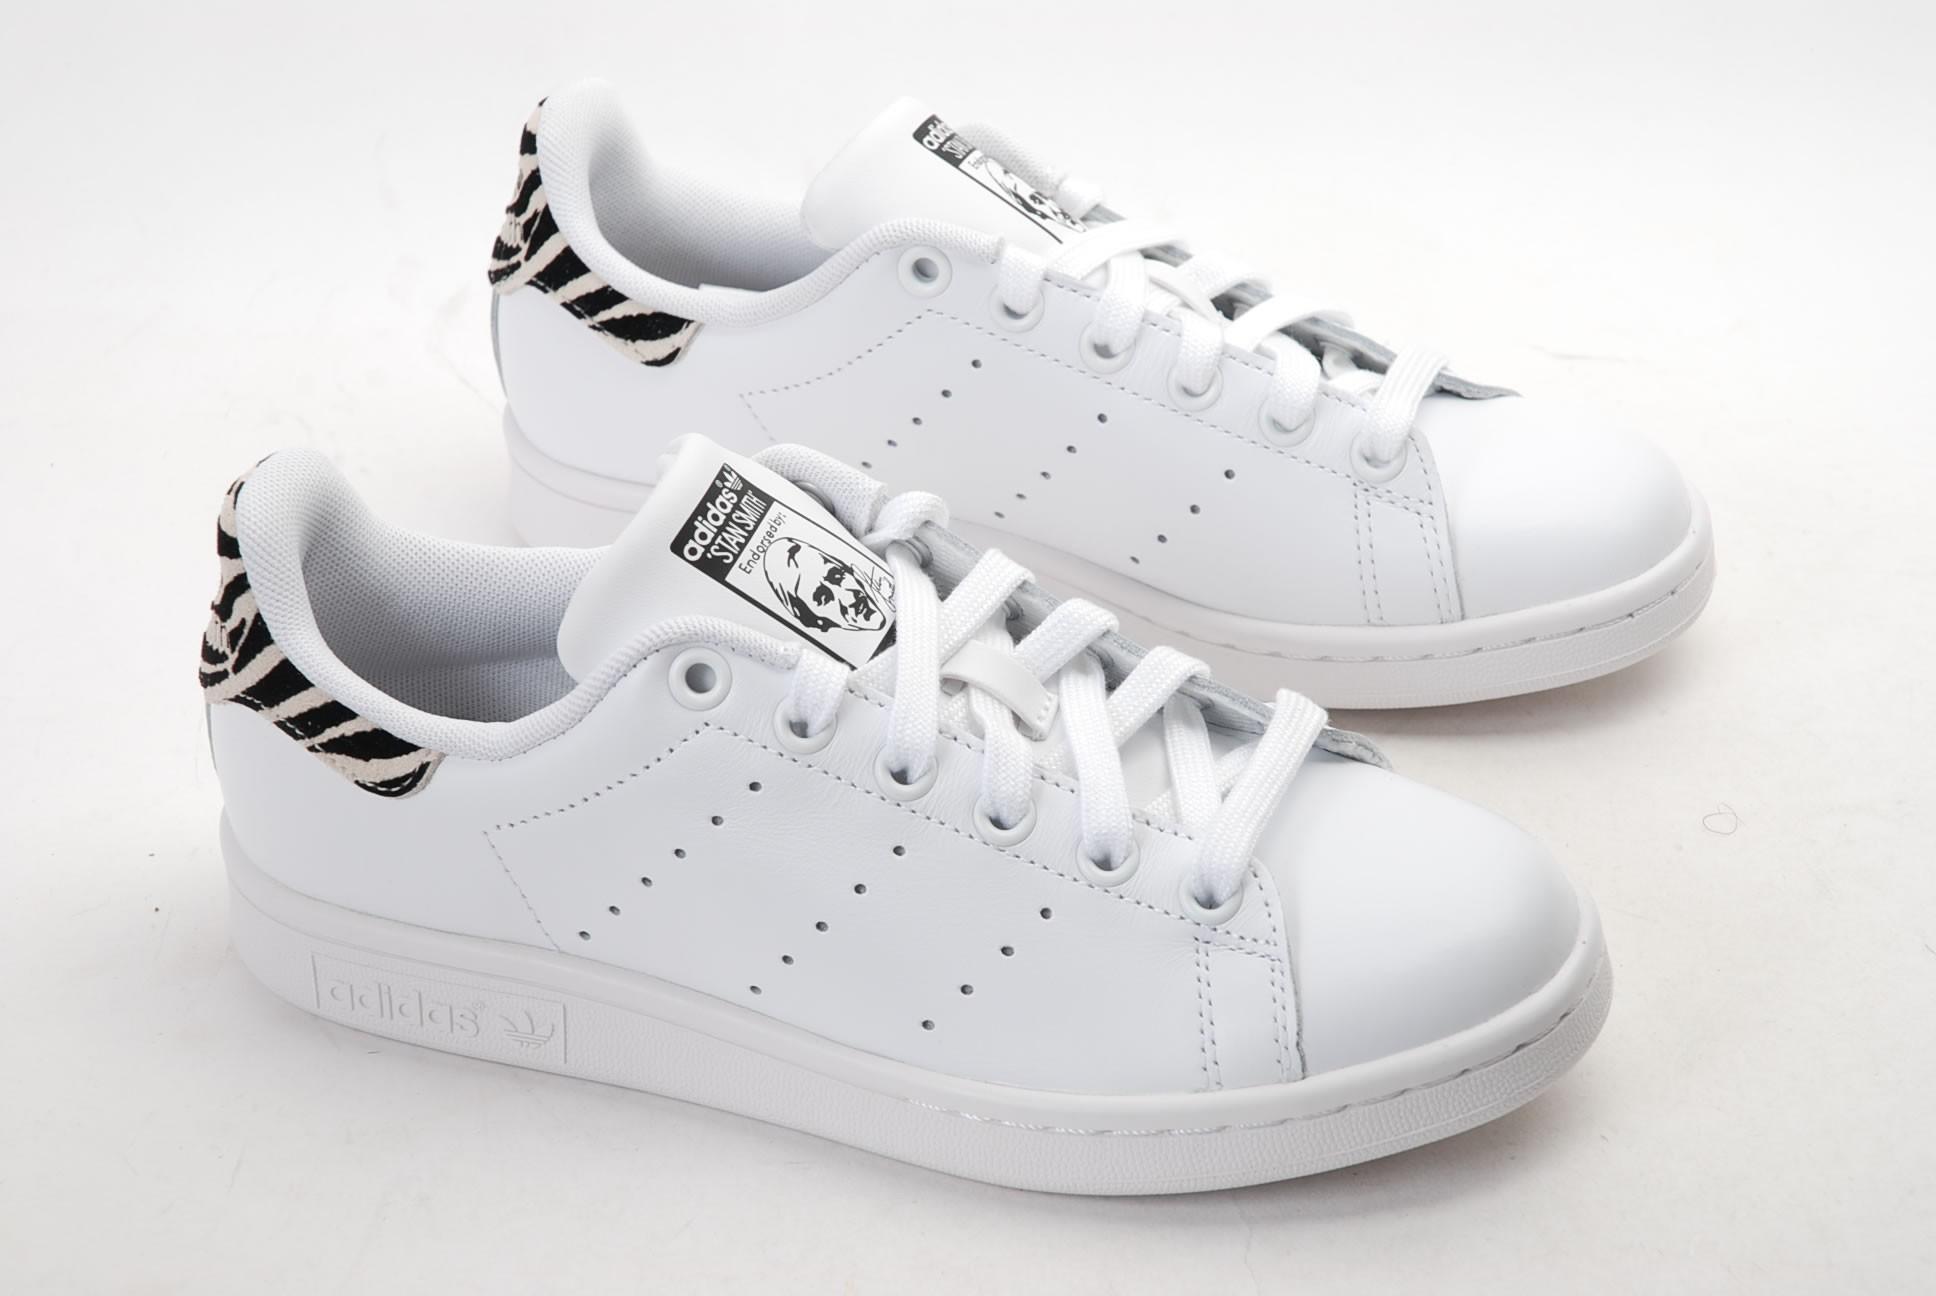 Vente adidas stan smith femme zebre Gatorade Daim Vert Pas Chers Livraison  gratuite, Basket de trs haute qualit. - homemedical.fr 9690136c917e